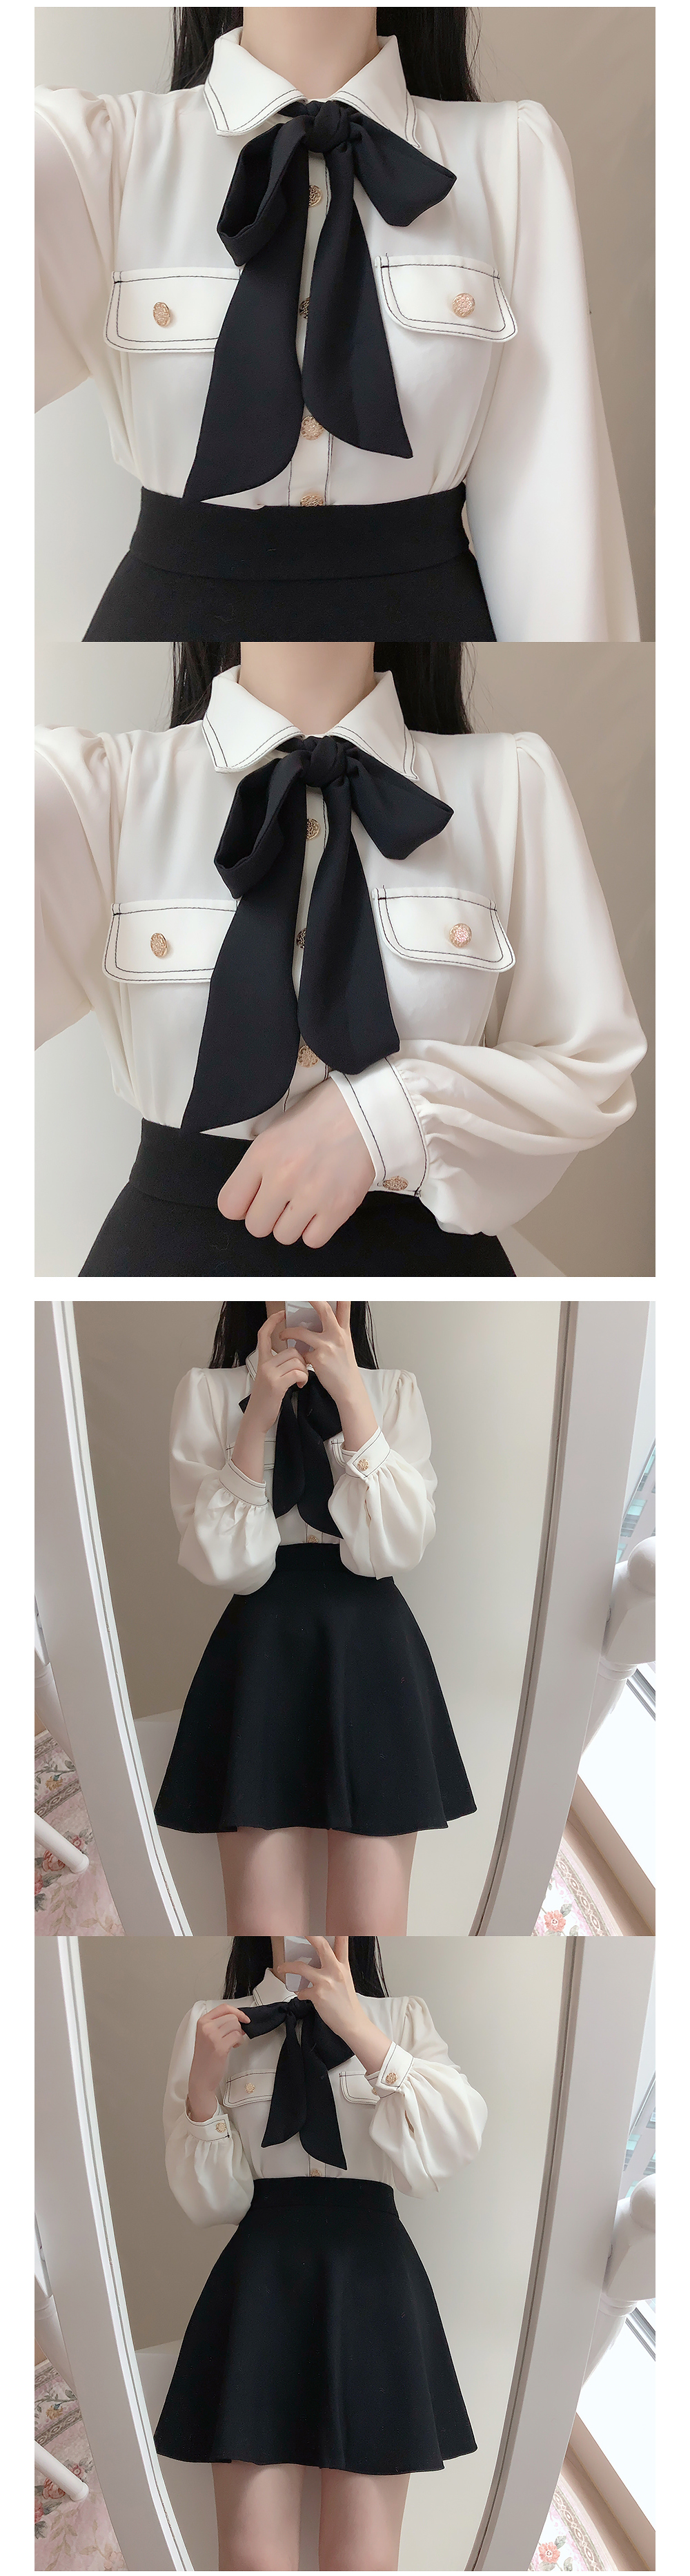 skirt detail image-S1L6